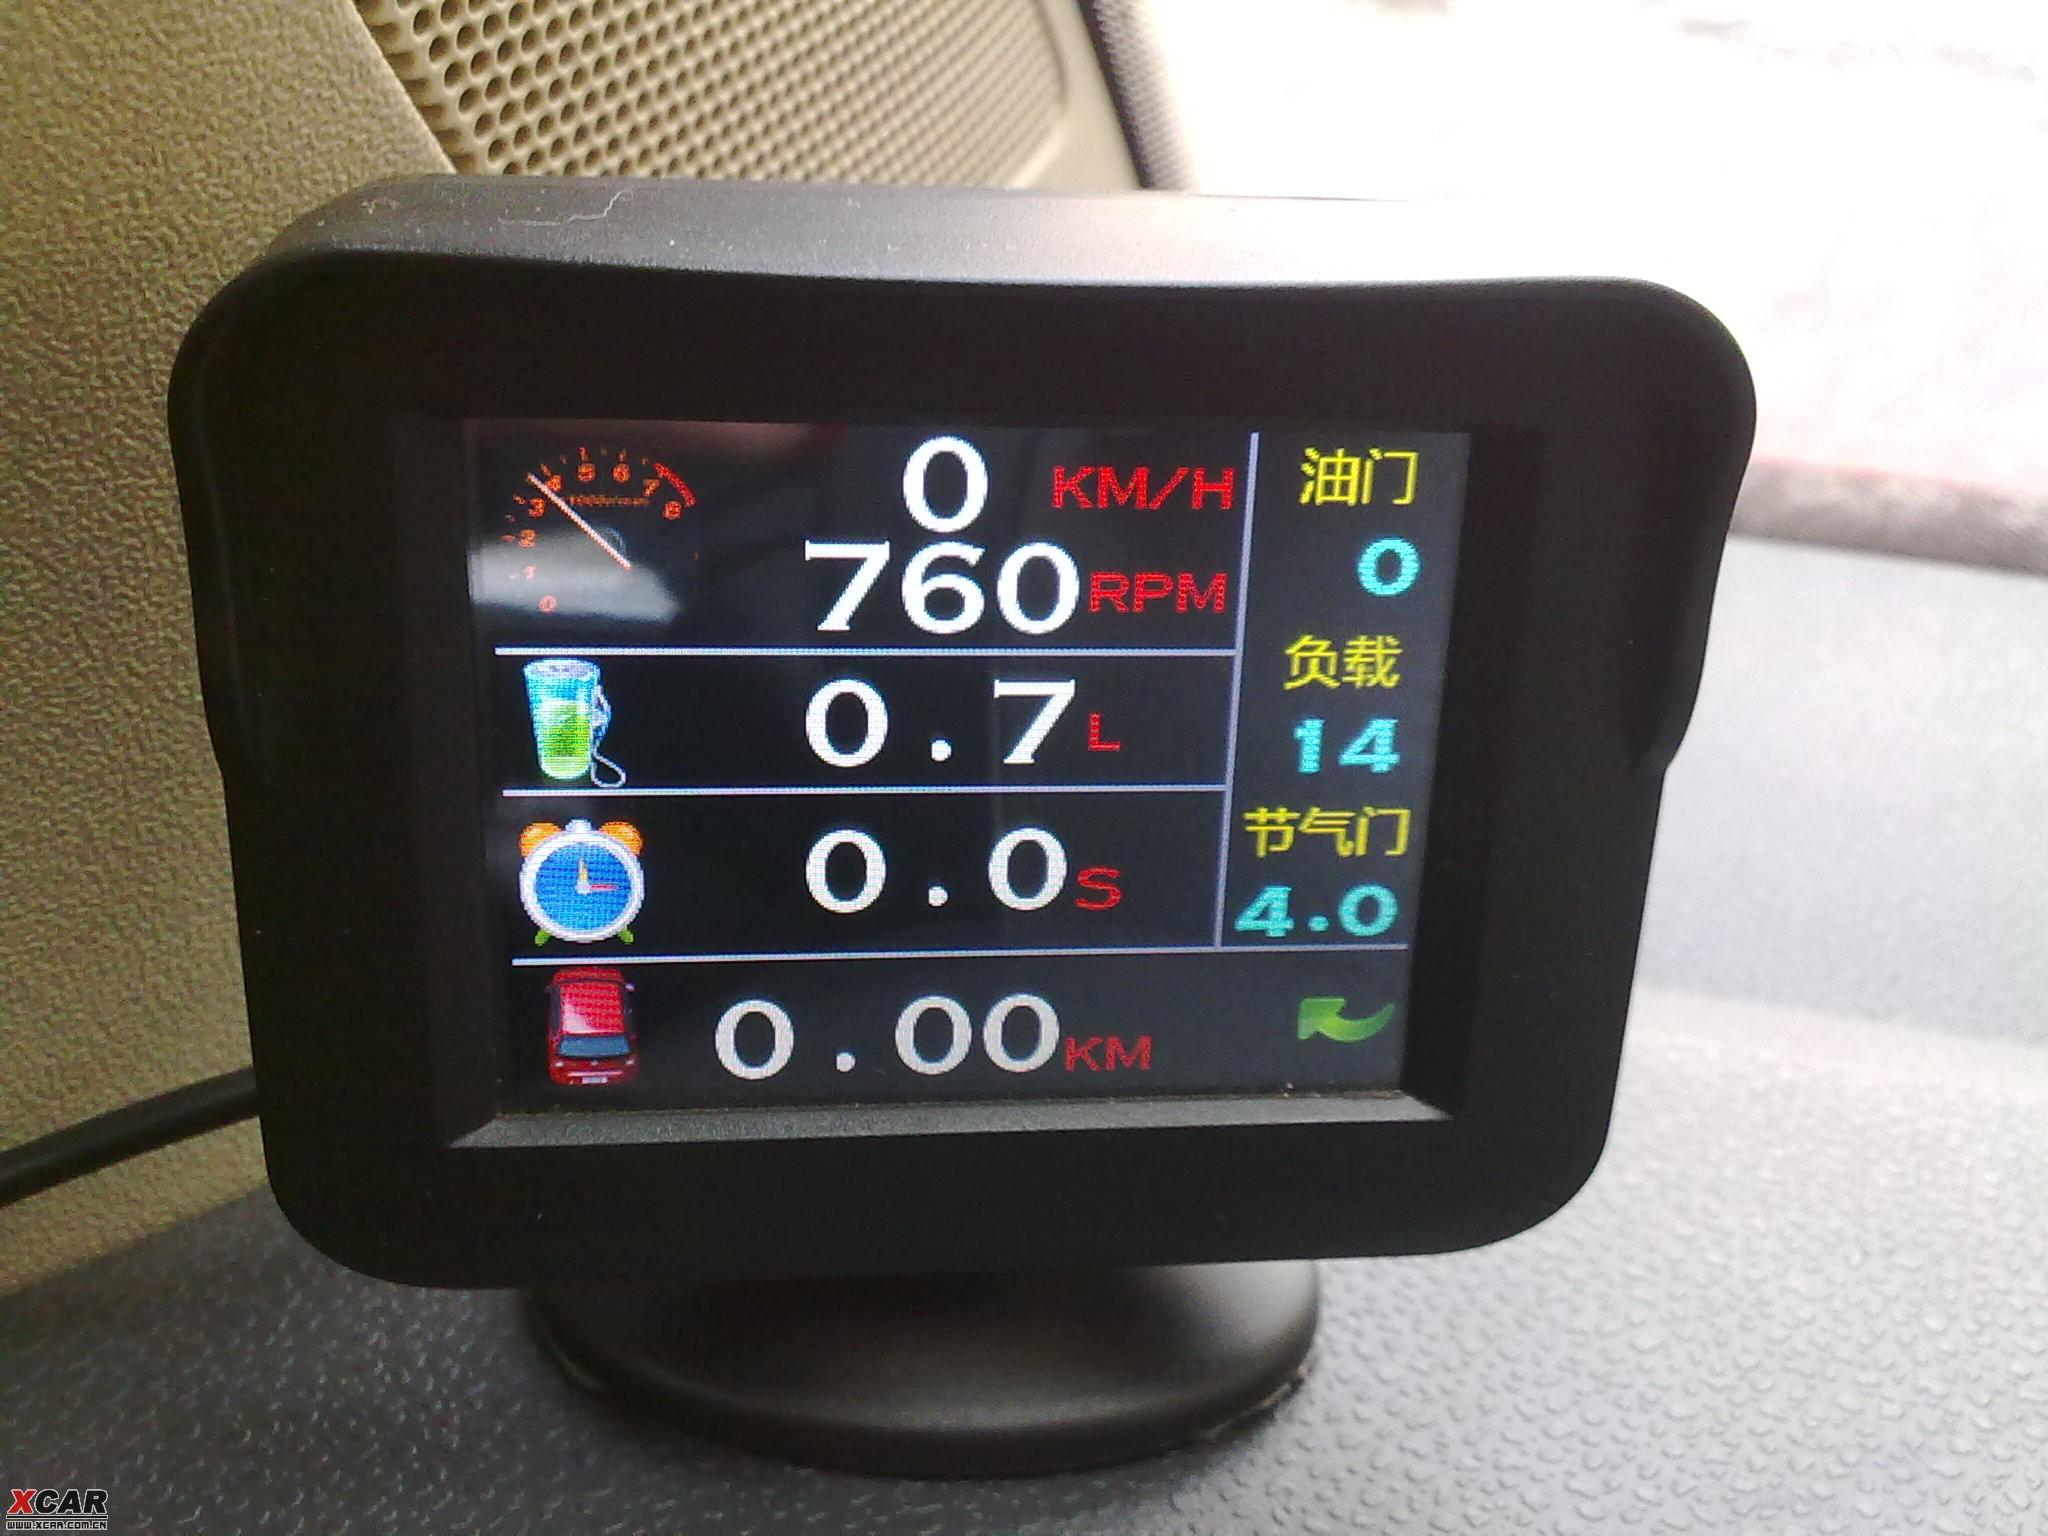 用了某种添加剂后节气门的变化,vso显示数据 机油专家 机油高清图片